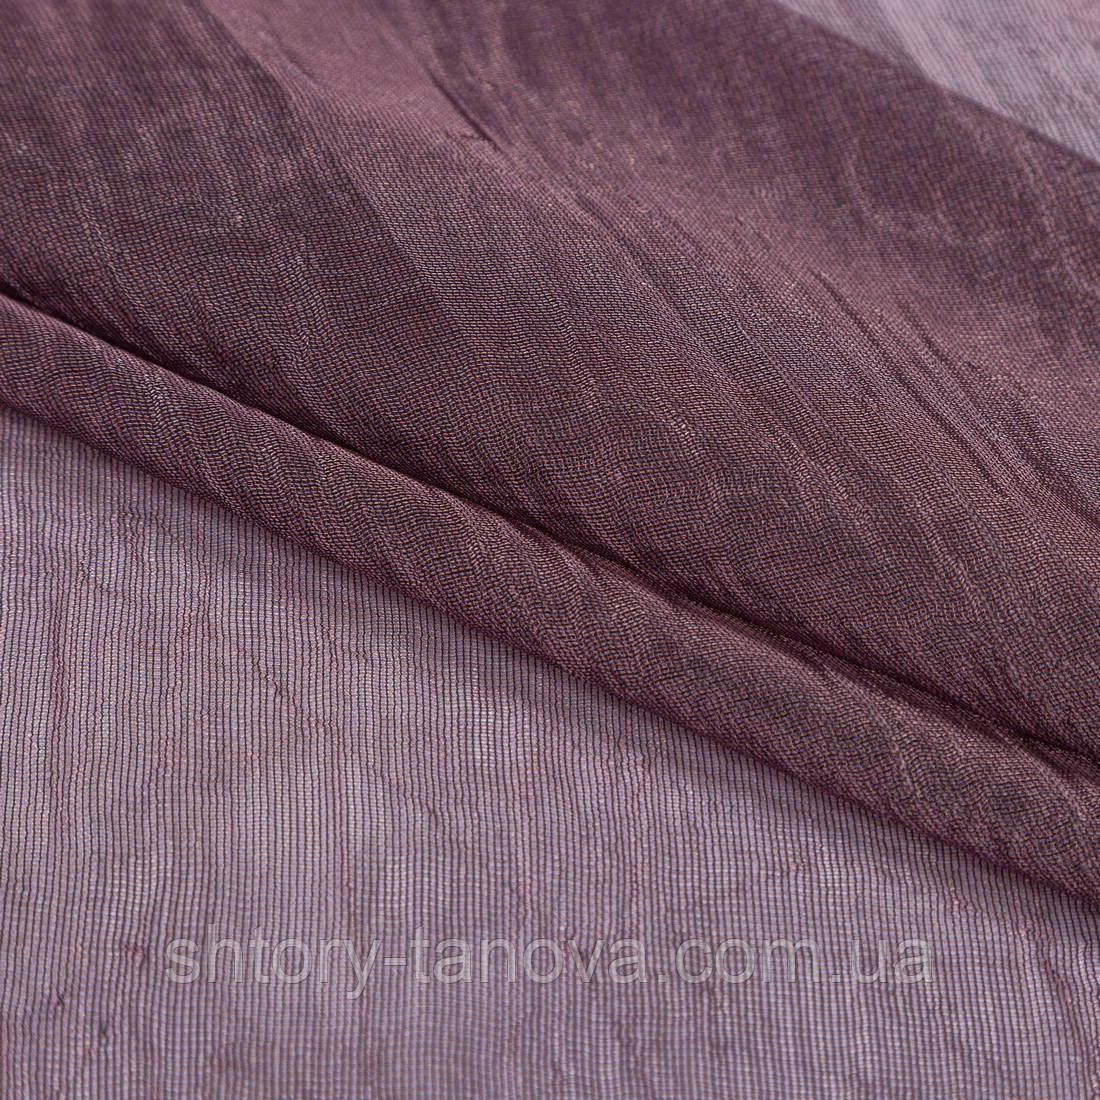 Тюль сетка с утяжелителем креш фиолет